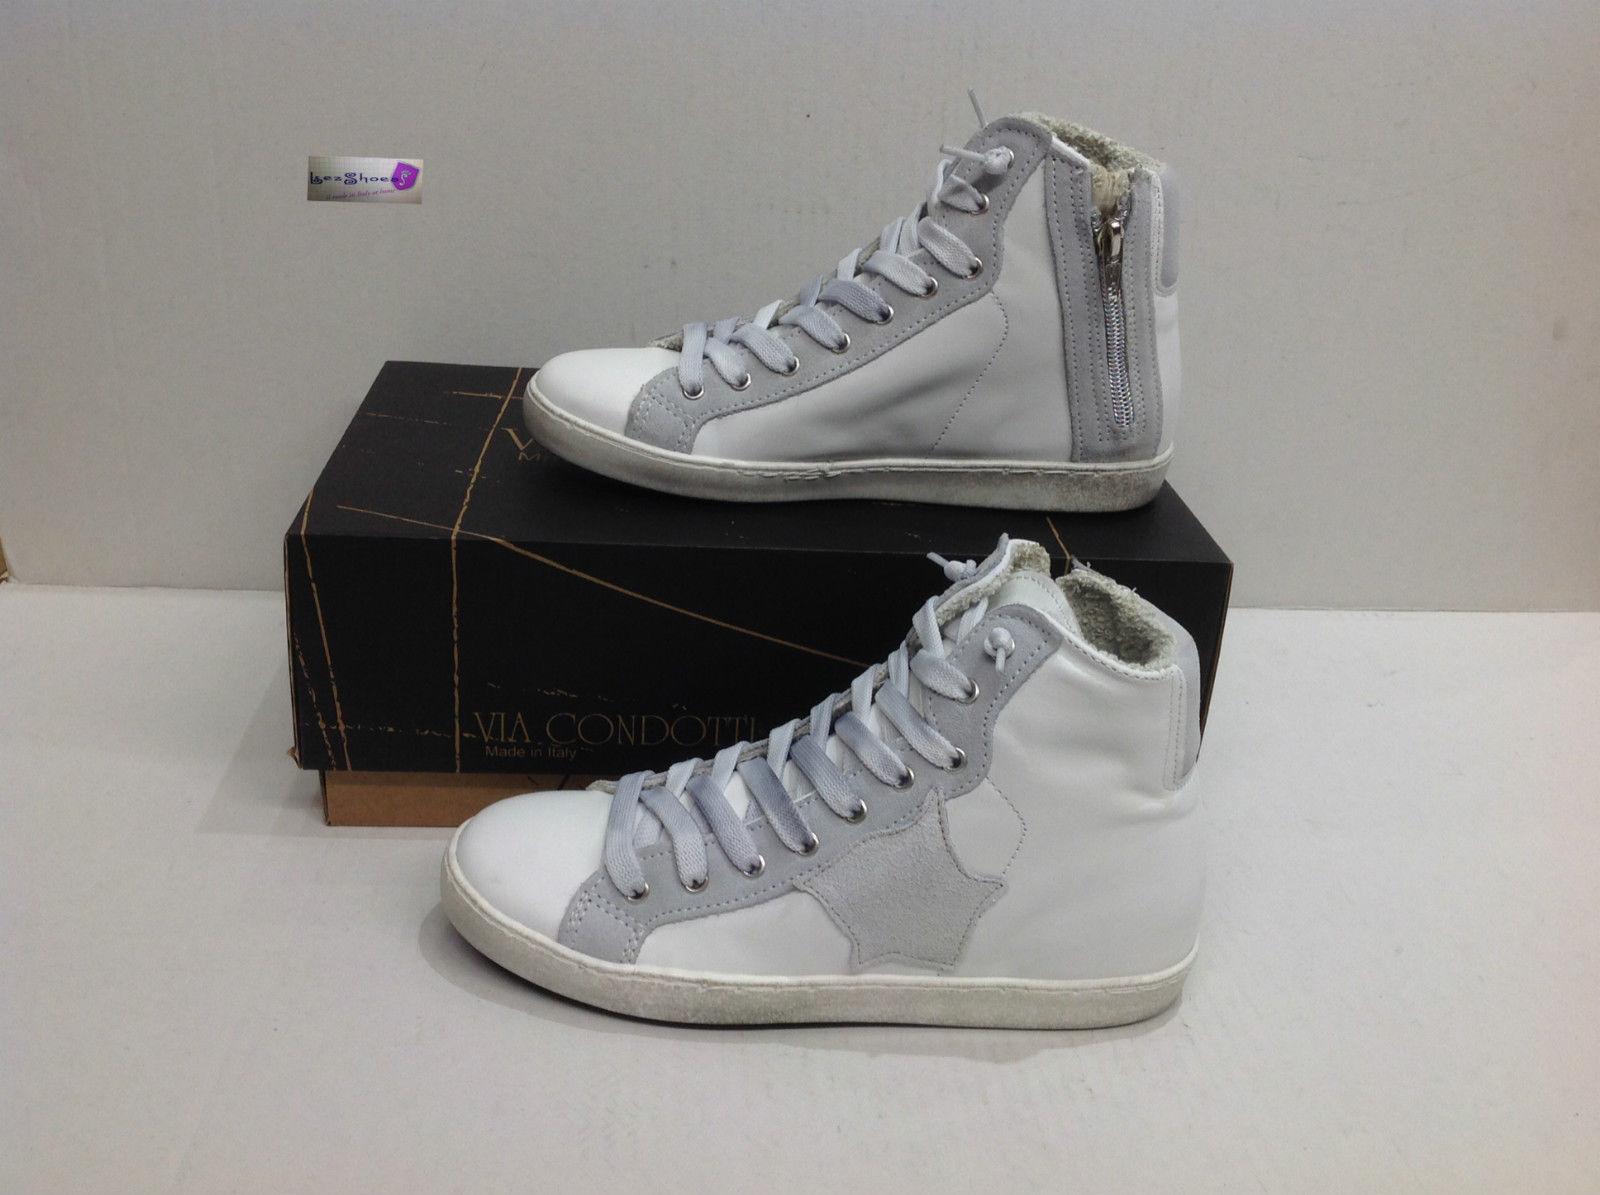 Scarpe Stella Uomo Pelle Ebay Via Bianca Sneakers Alte G Condotti 04p0r